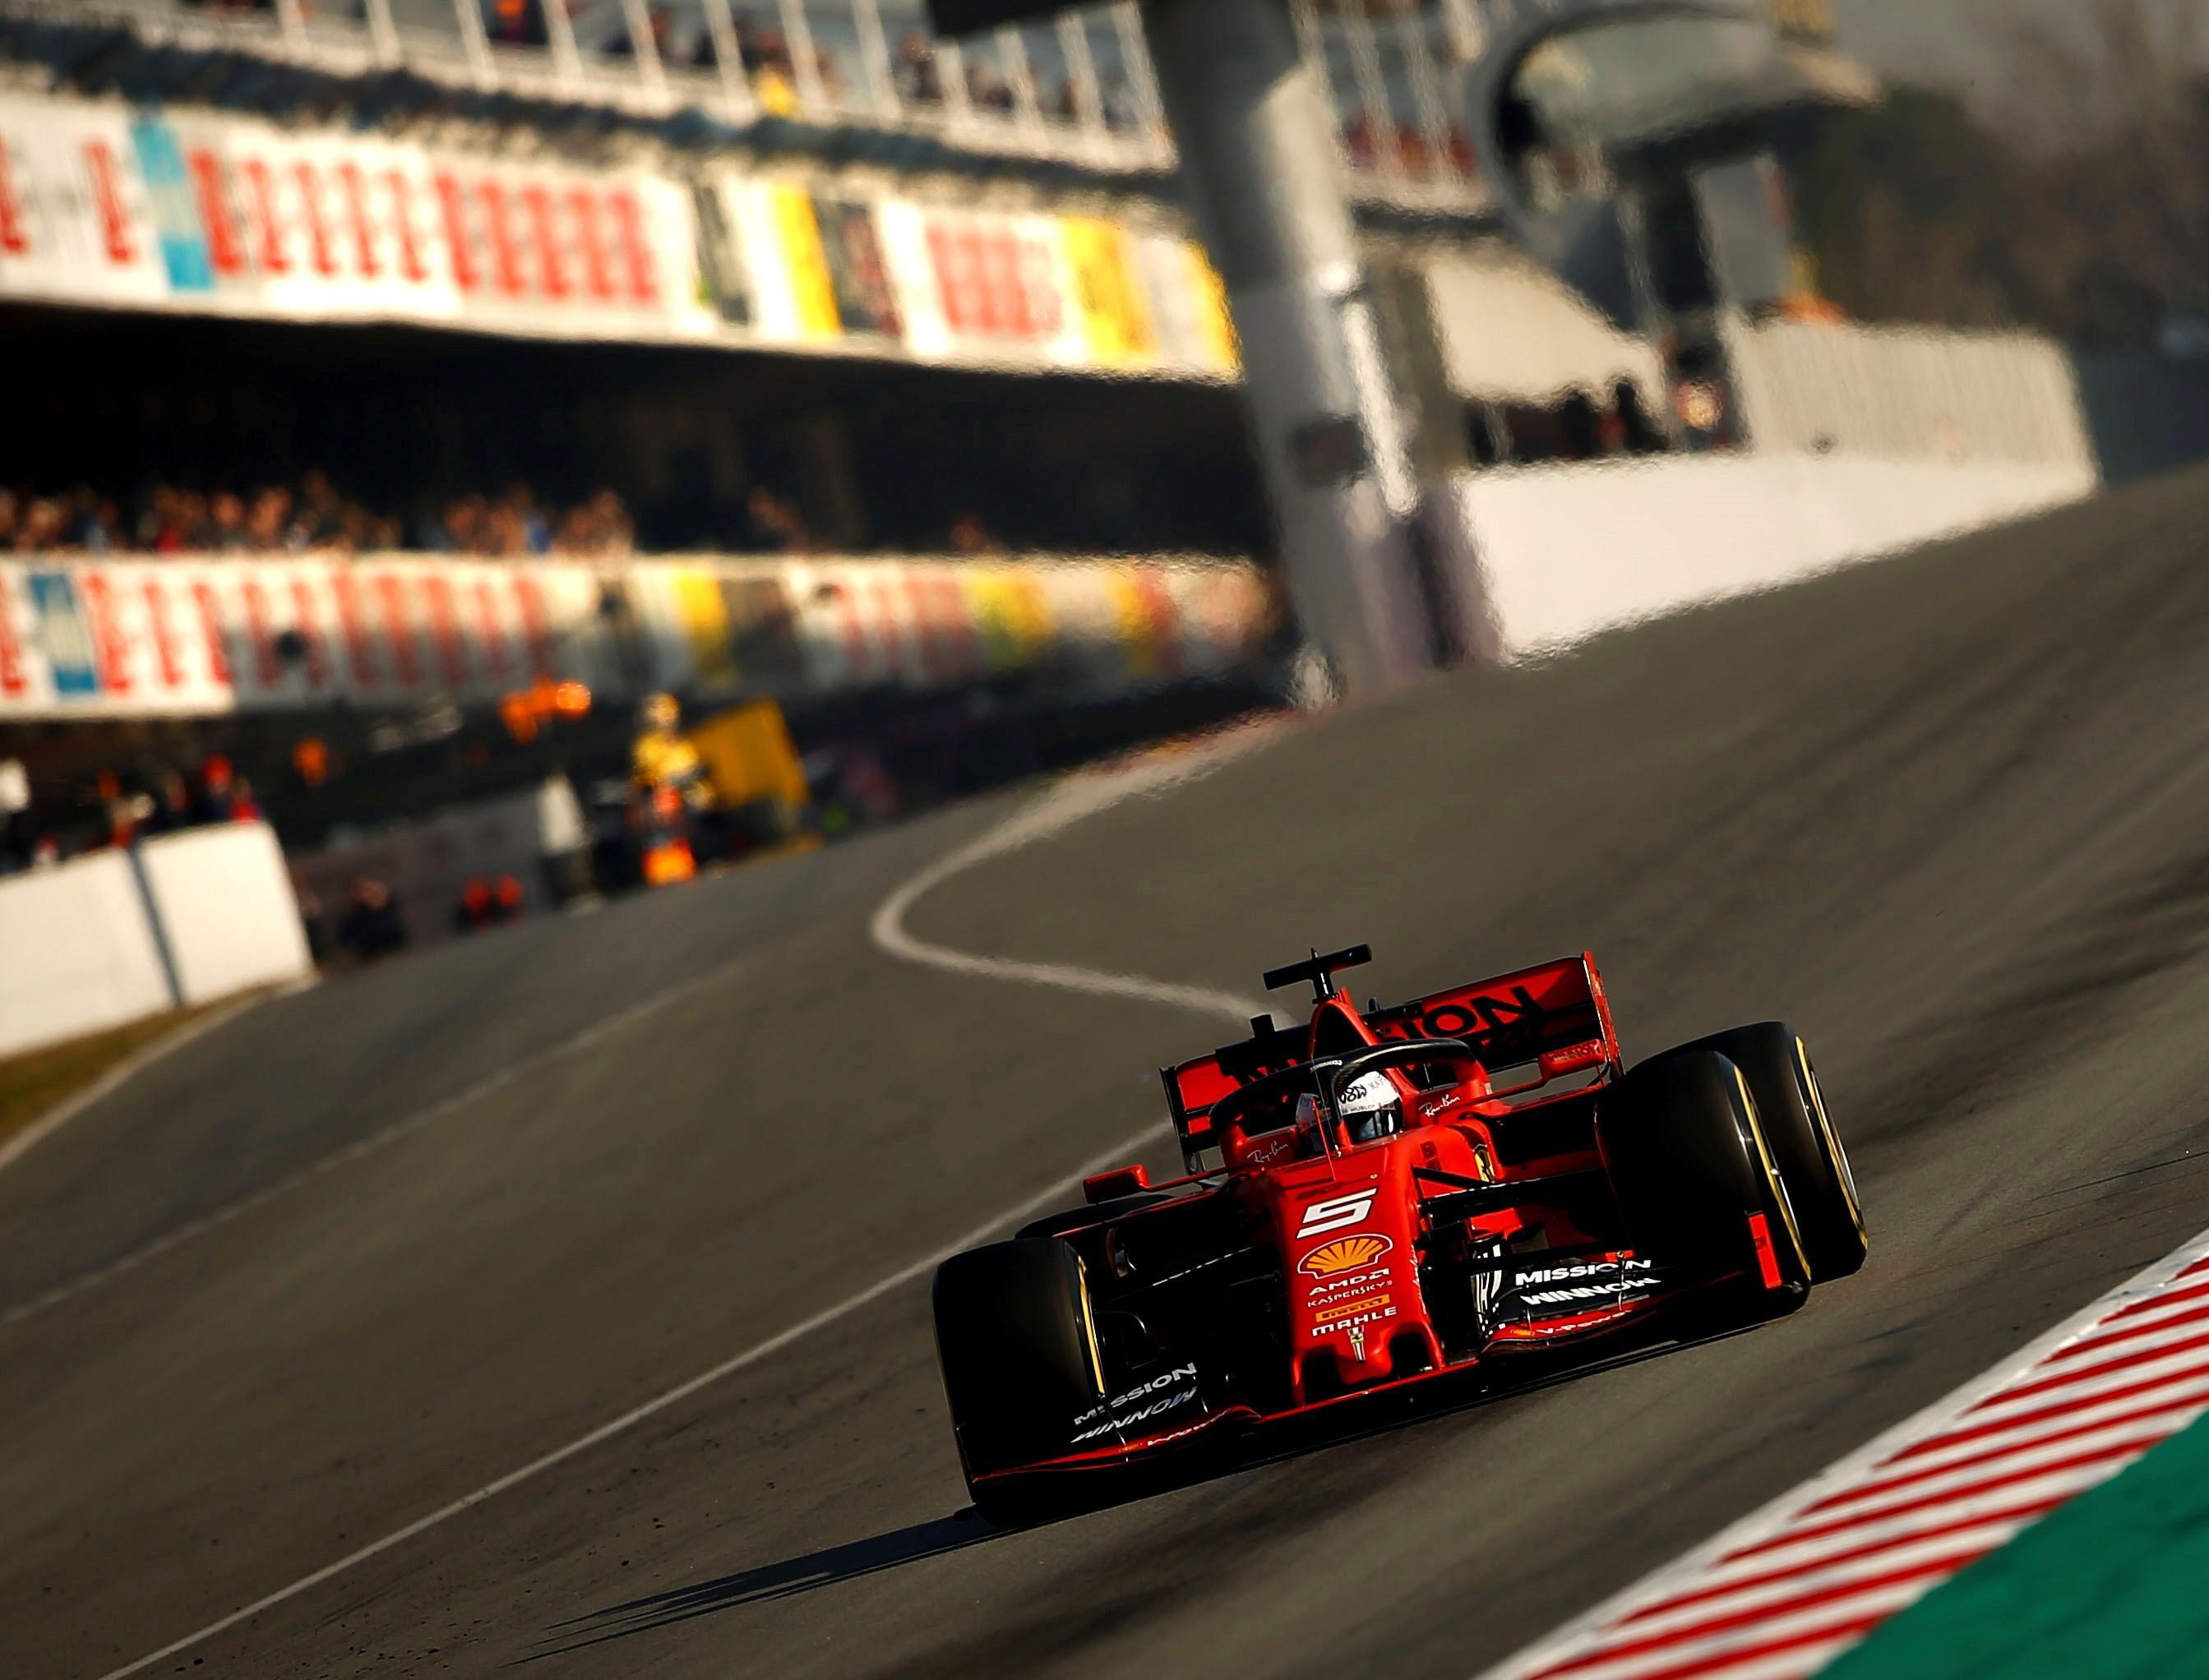 Calendario F1 2020 Tv8.F1 2019 Dove Vedere I Gran Premi In Diretta Tv E Streaming